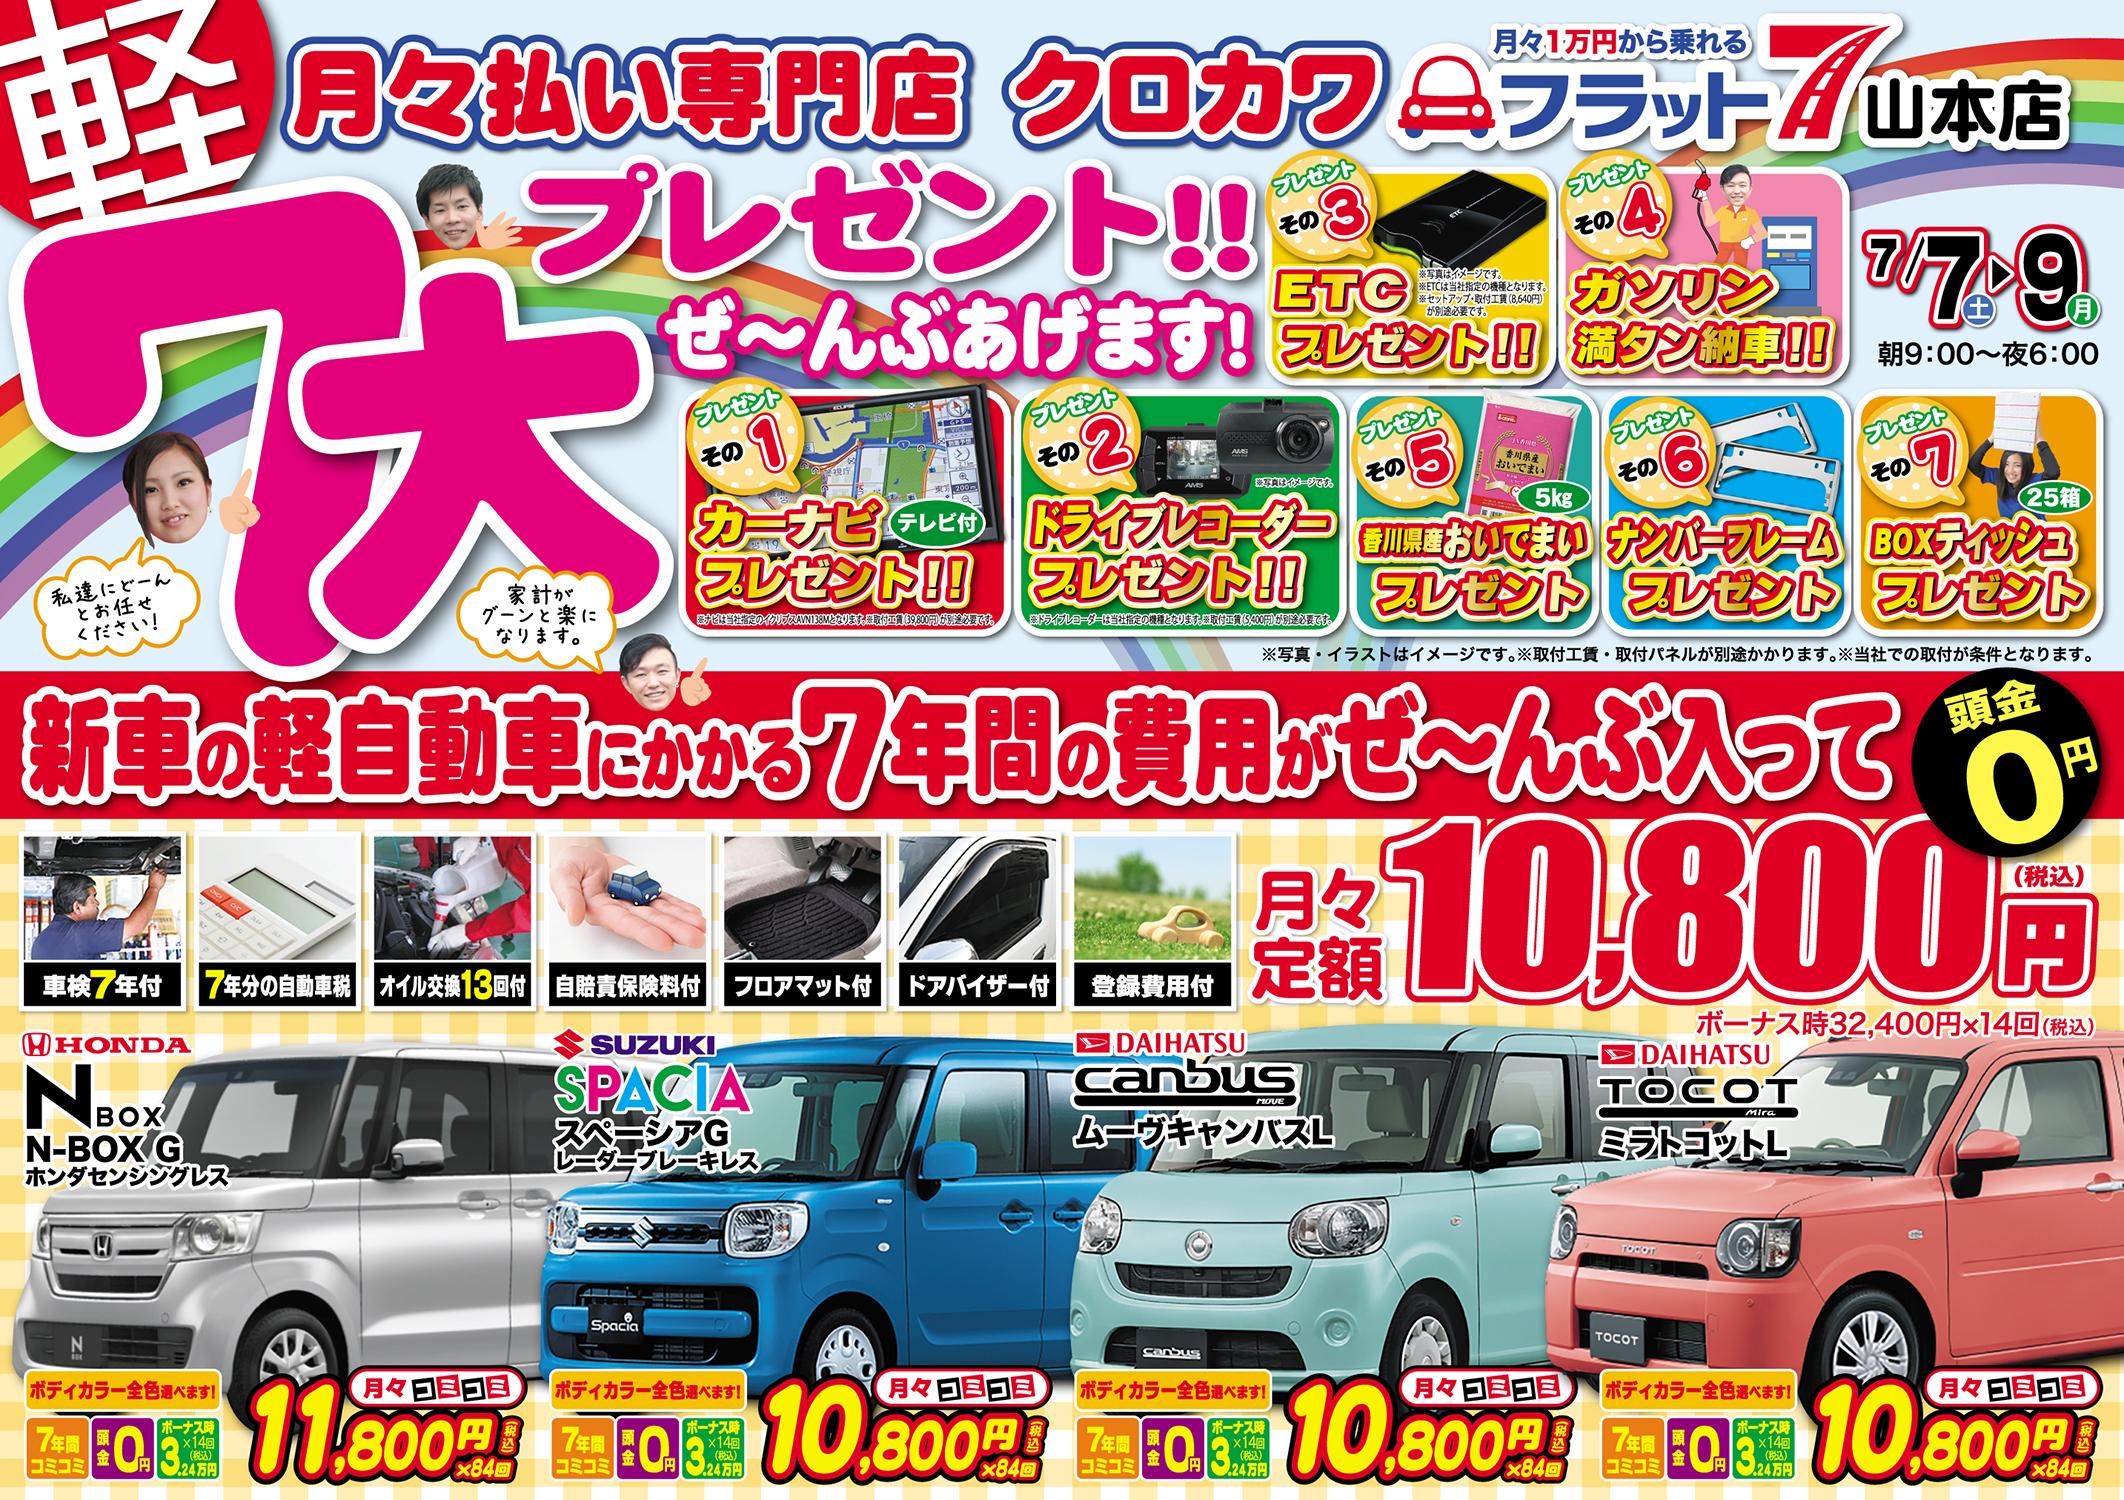 新車の軽自動車が1万円〜?!7大プレゼント!!ぜ〜んぶあげます!